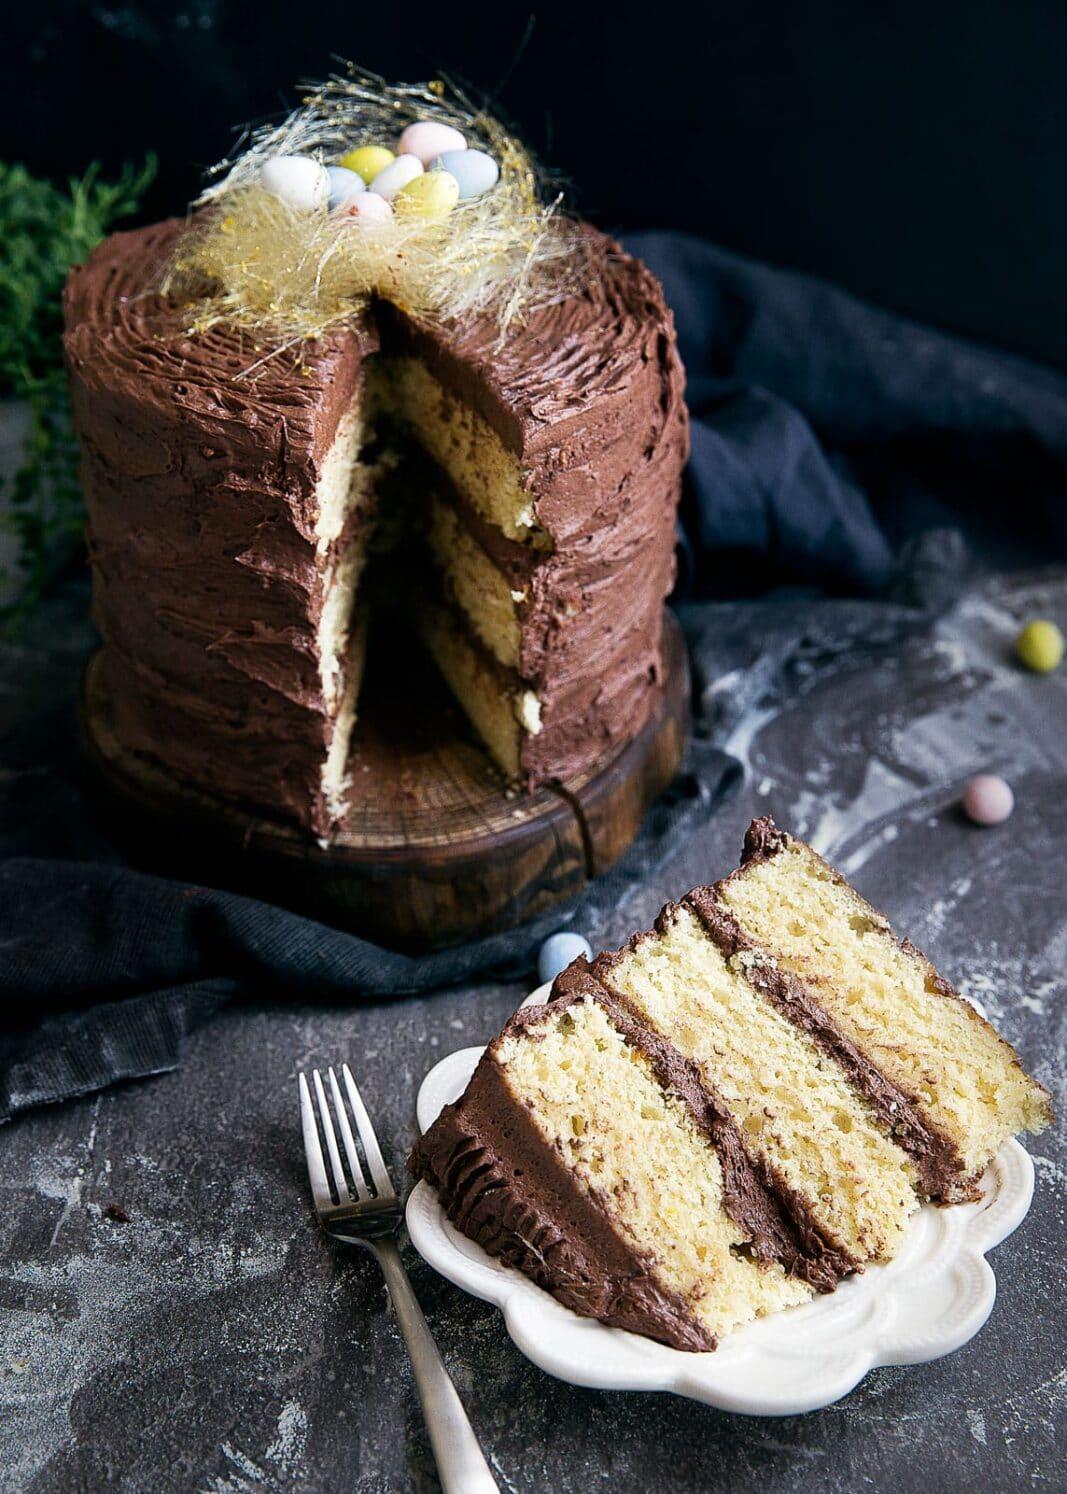 Nedves vaníliarétegű sütemény, csokoládé vajkrém és egy fonott cukormadárfészek teszi ezt a süteményt tökéletesen húsvétra!